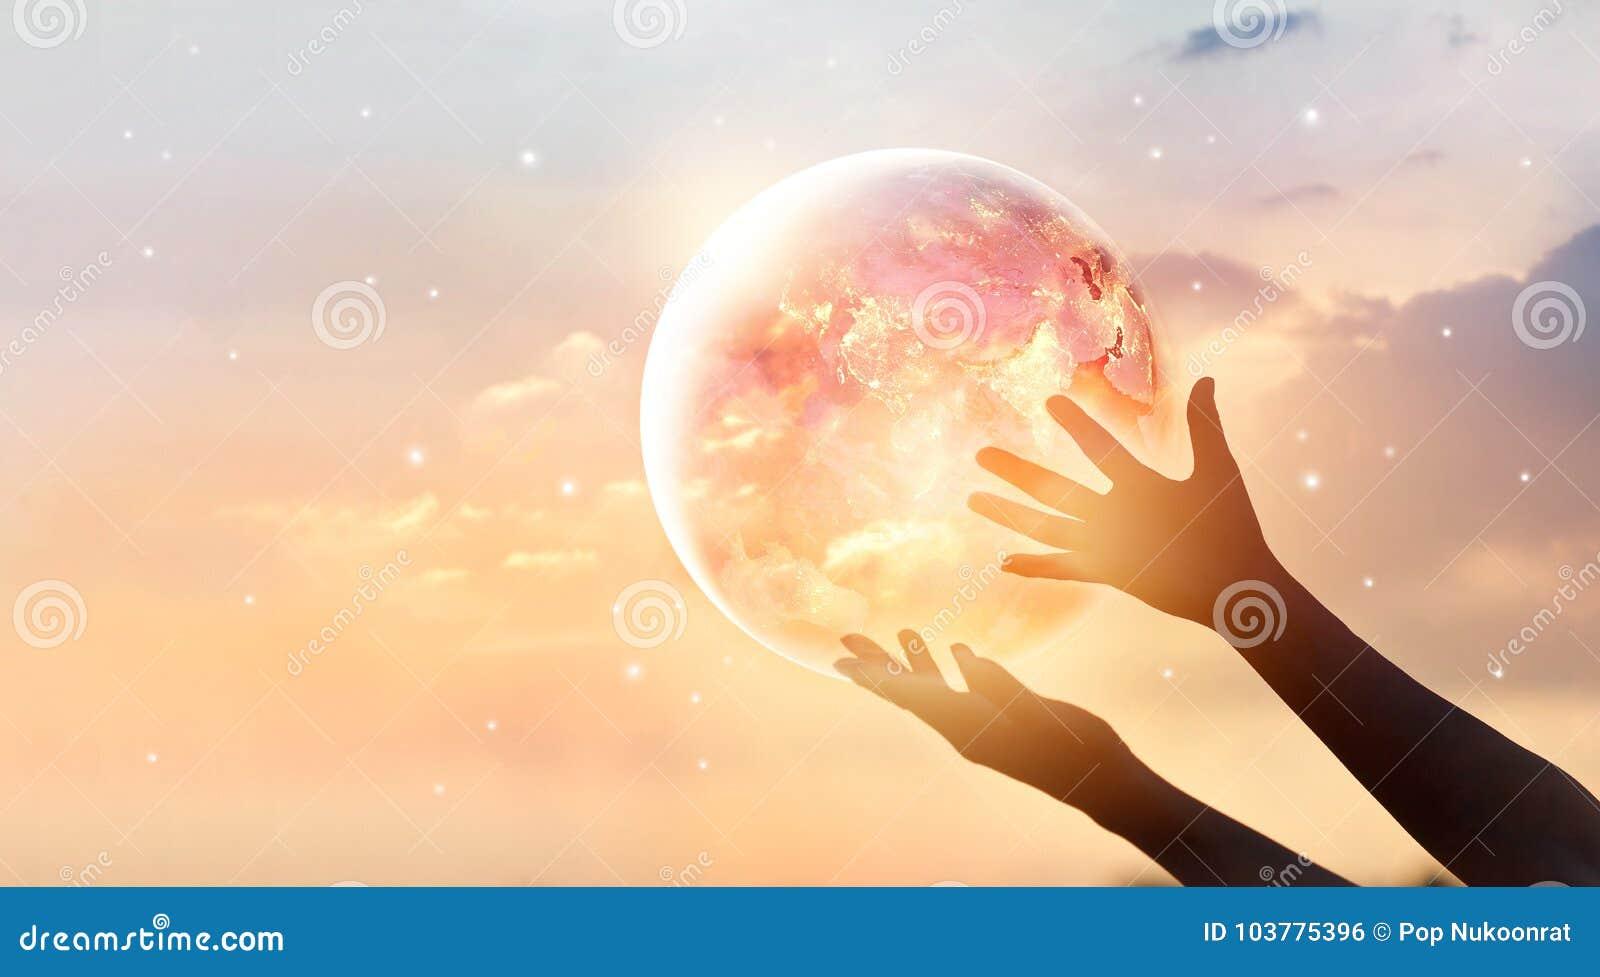 Εκτός από την εκστρατεία παγκόσμιας ενέργειας Ο πλανήτης Γη σε ετοιμότητα ανθρώπινα παρουσιάζει